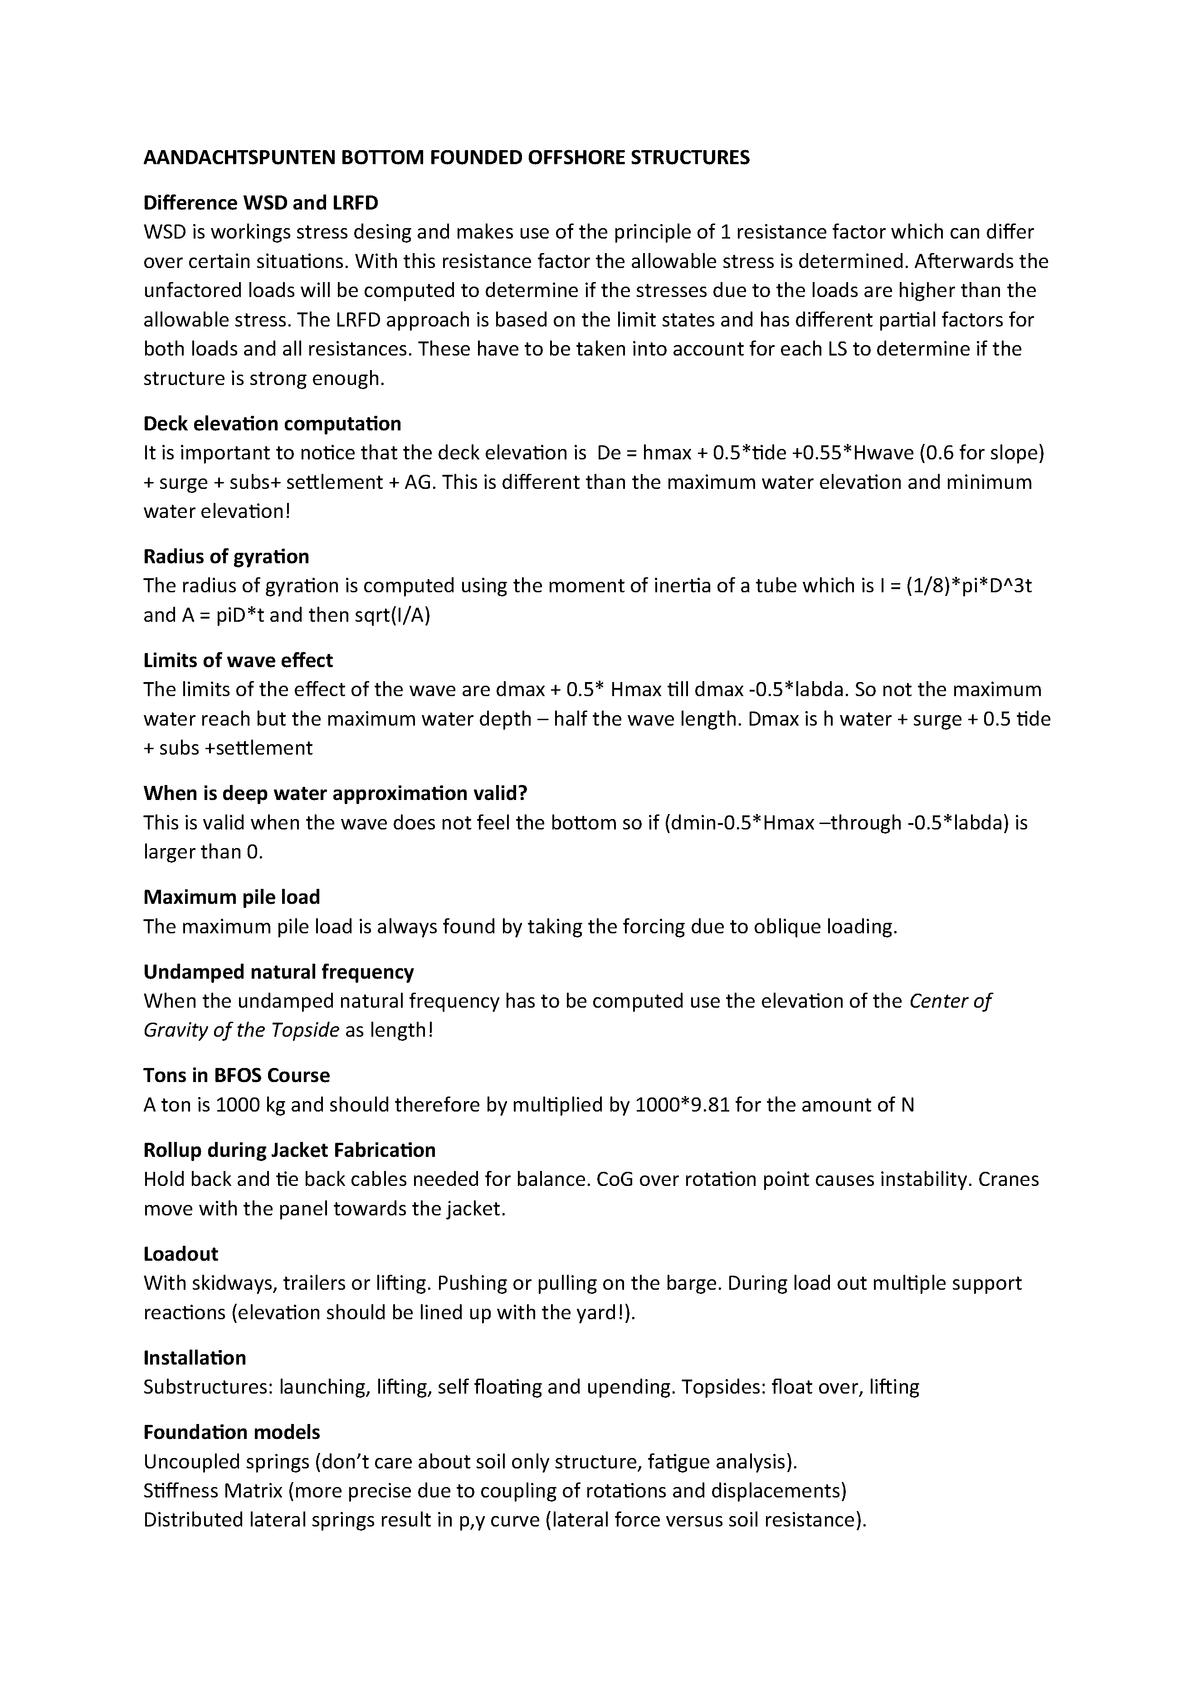 Aandachtspunten summary - aandachtspunten om goed te onthouden voor je